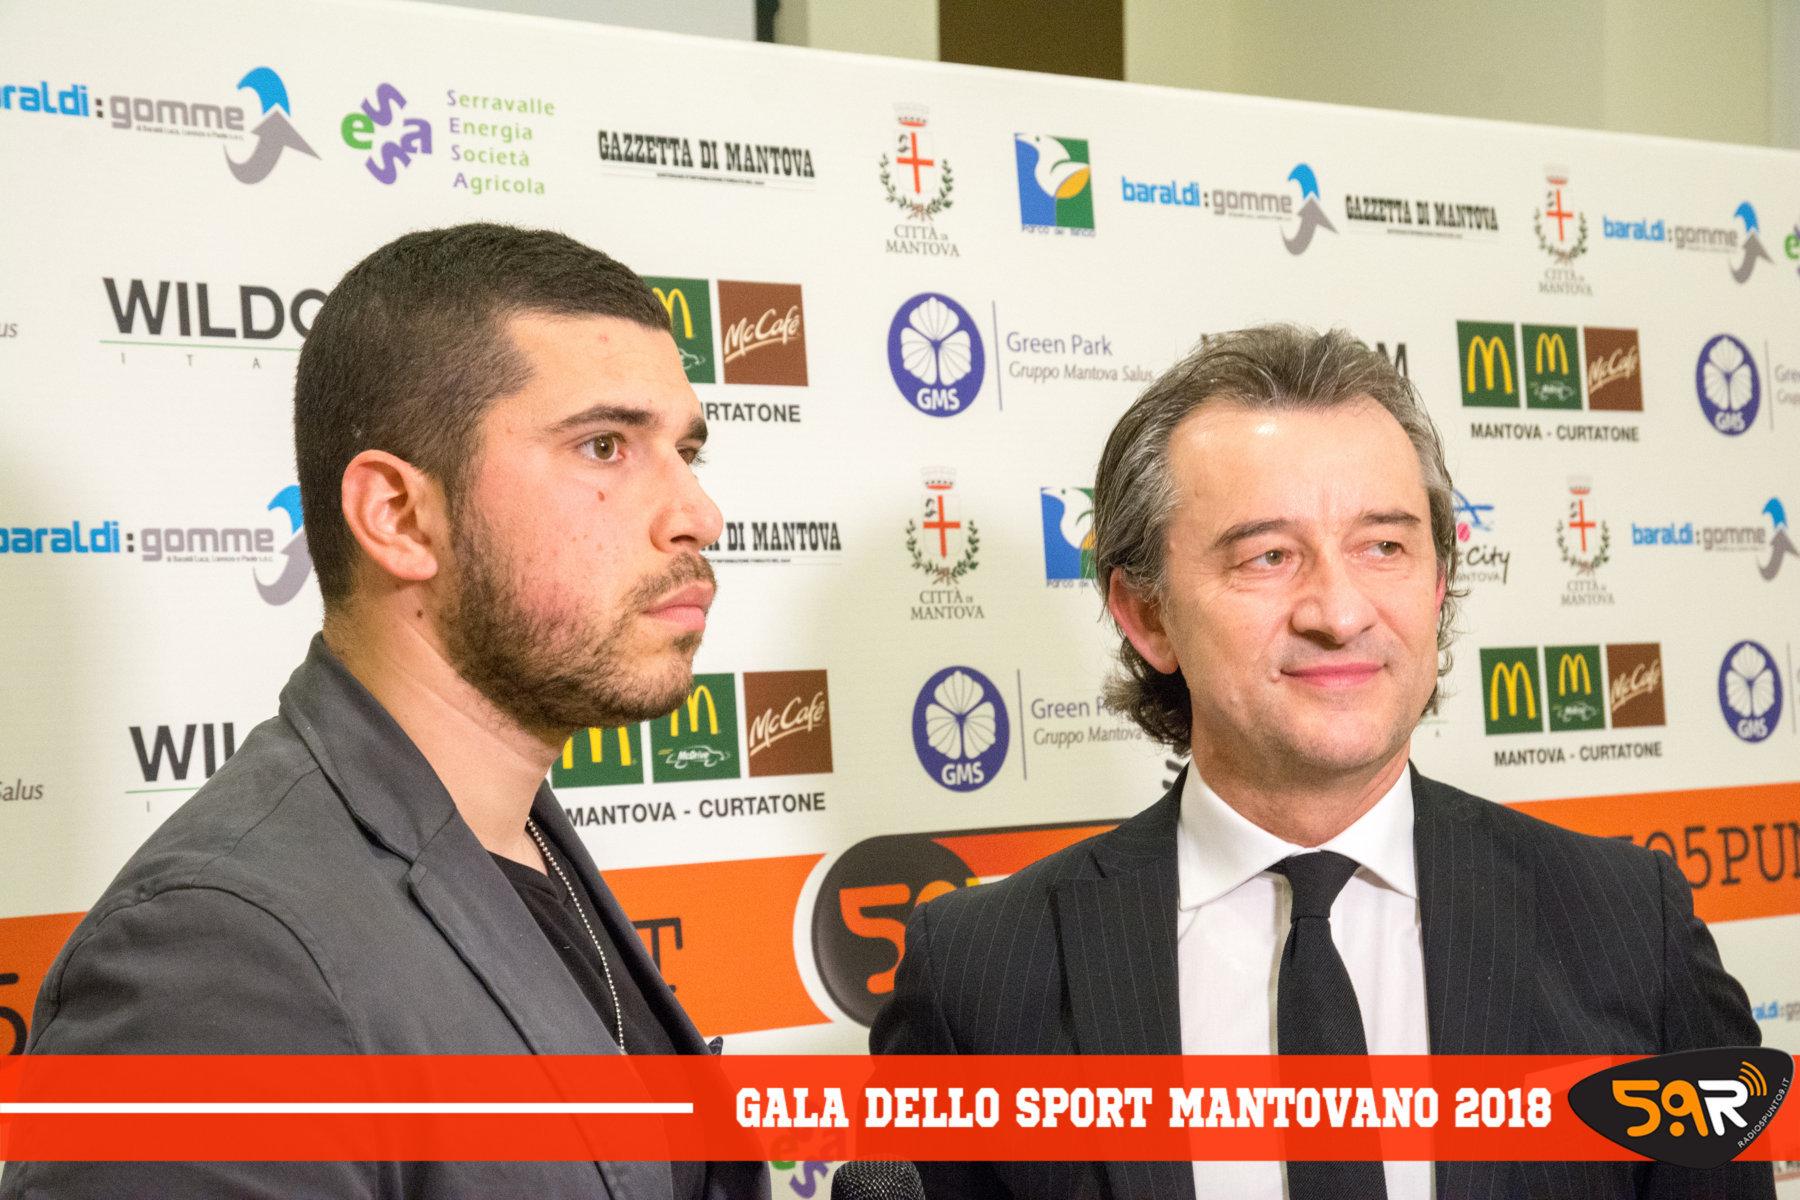 Gala dello Sport Mantovano 2018 Web Radio 5 (39)